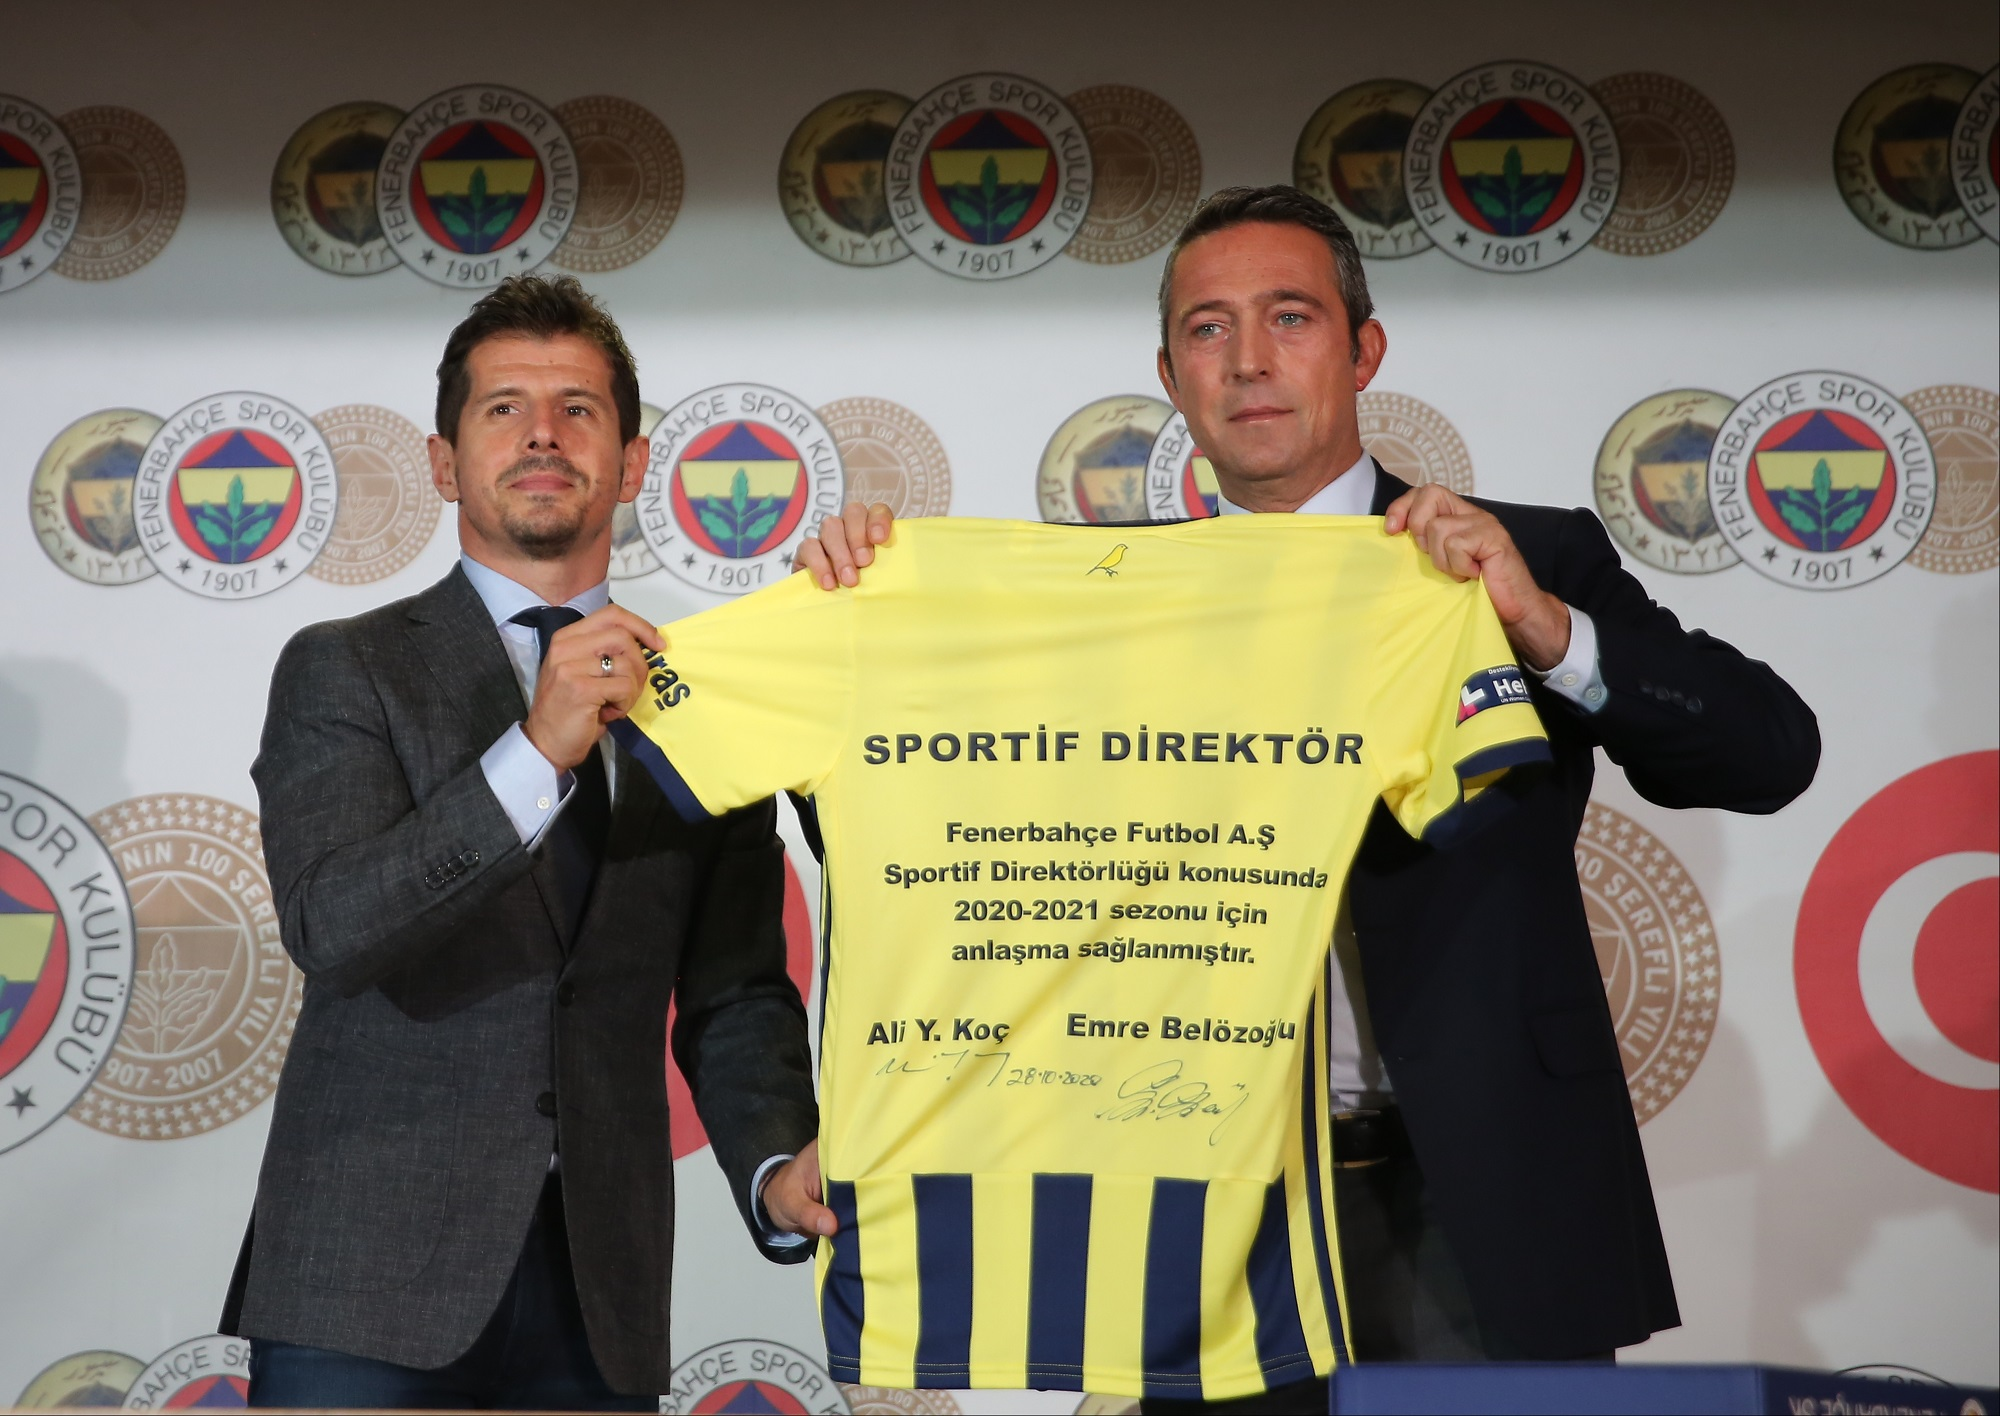 Fenerbahçe'de Emre Belözoğlu'nun yeni görevi: Sportif Direktör